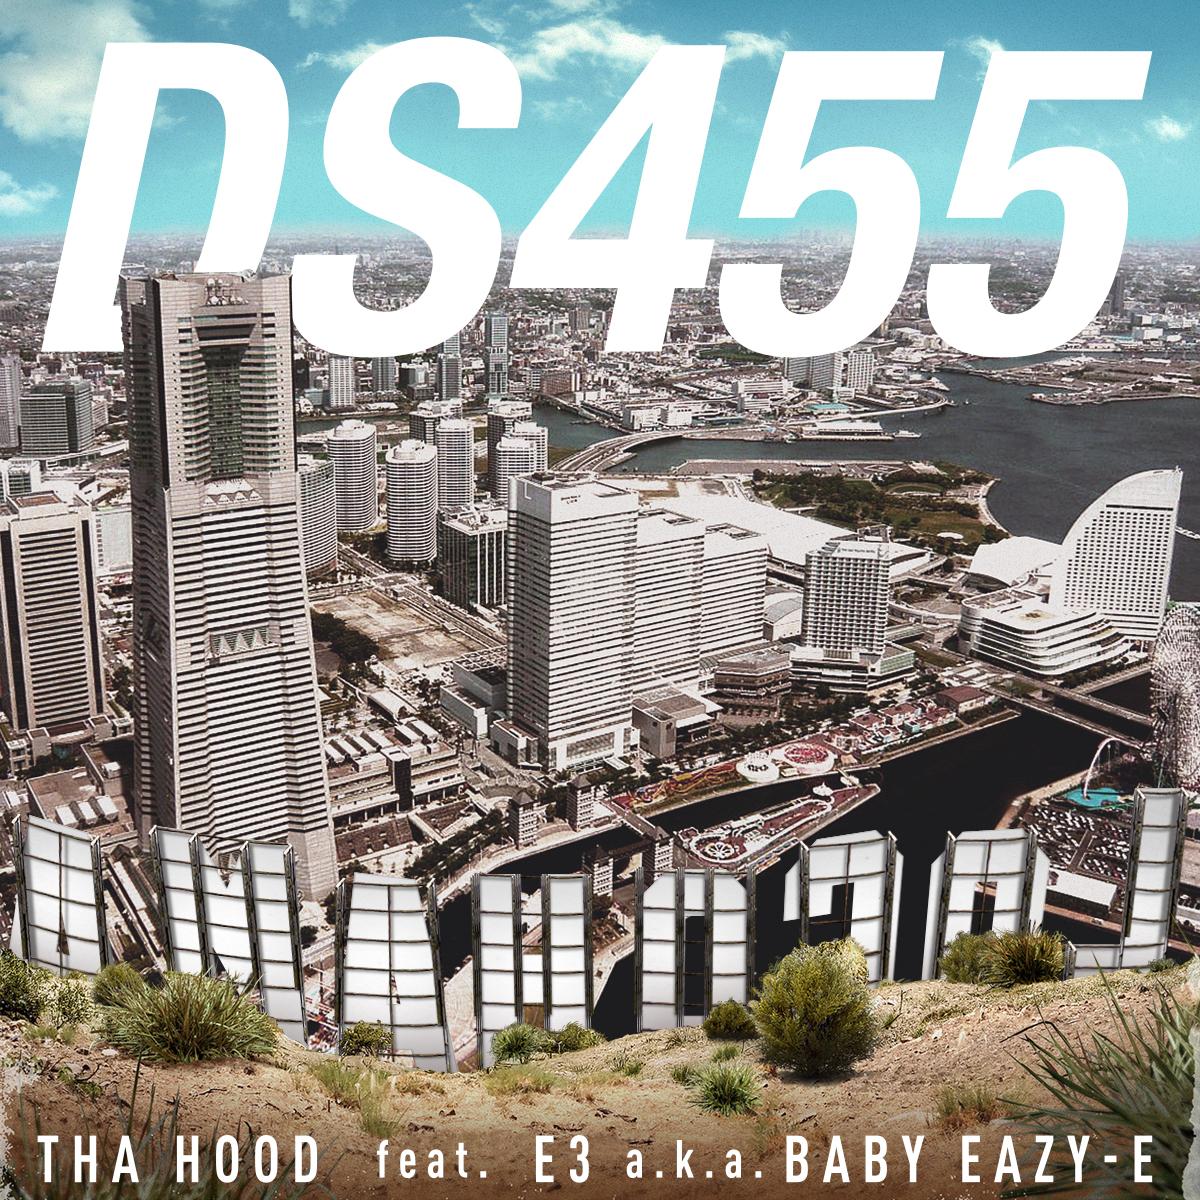 THA HOOD feat. E-3 a.k.a BABY EAZY-E / DS455